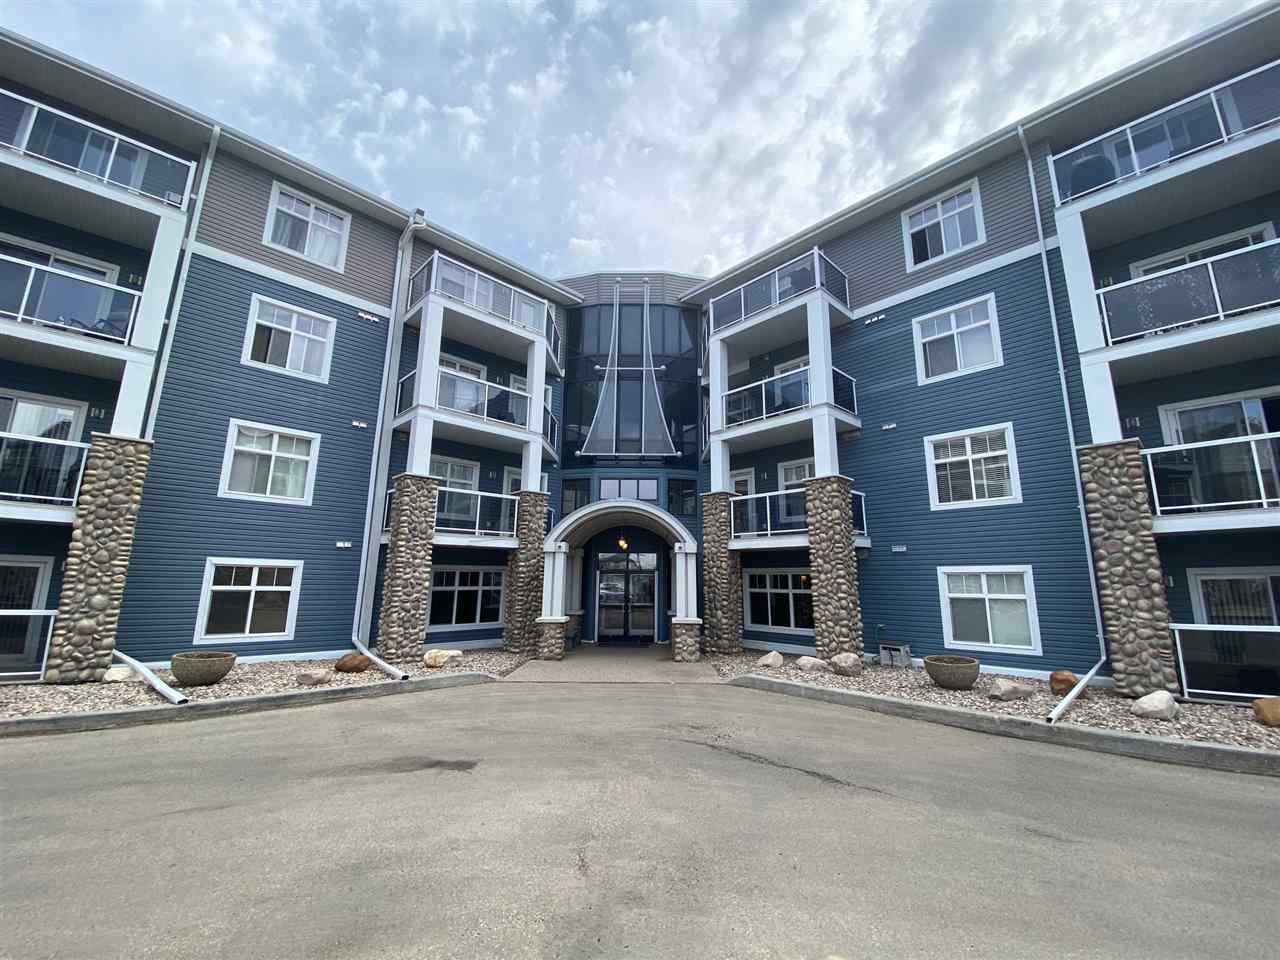 Main Photo: 104 16035 132 Street in Edmonton: Zone 27 Condo for sale : MLS®# E4190495